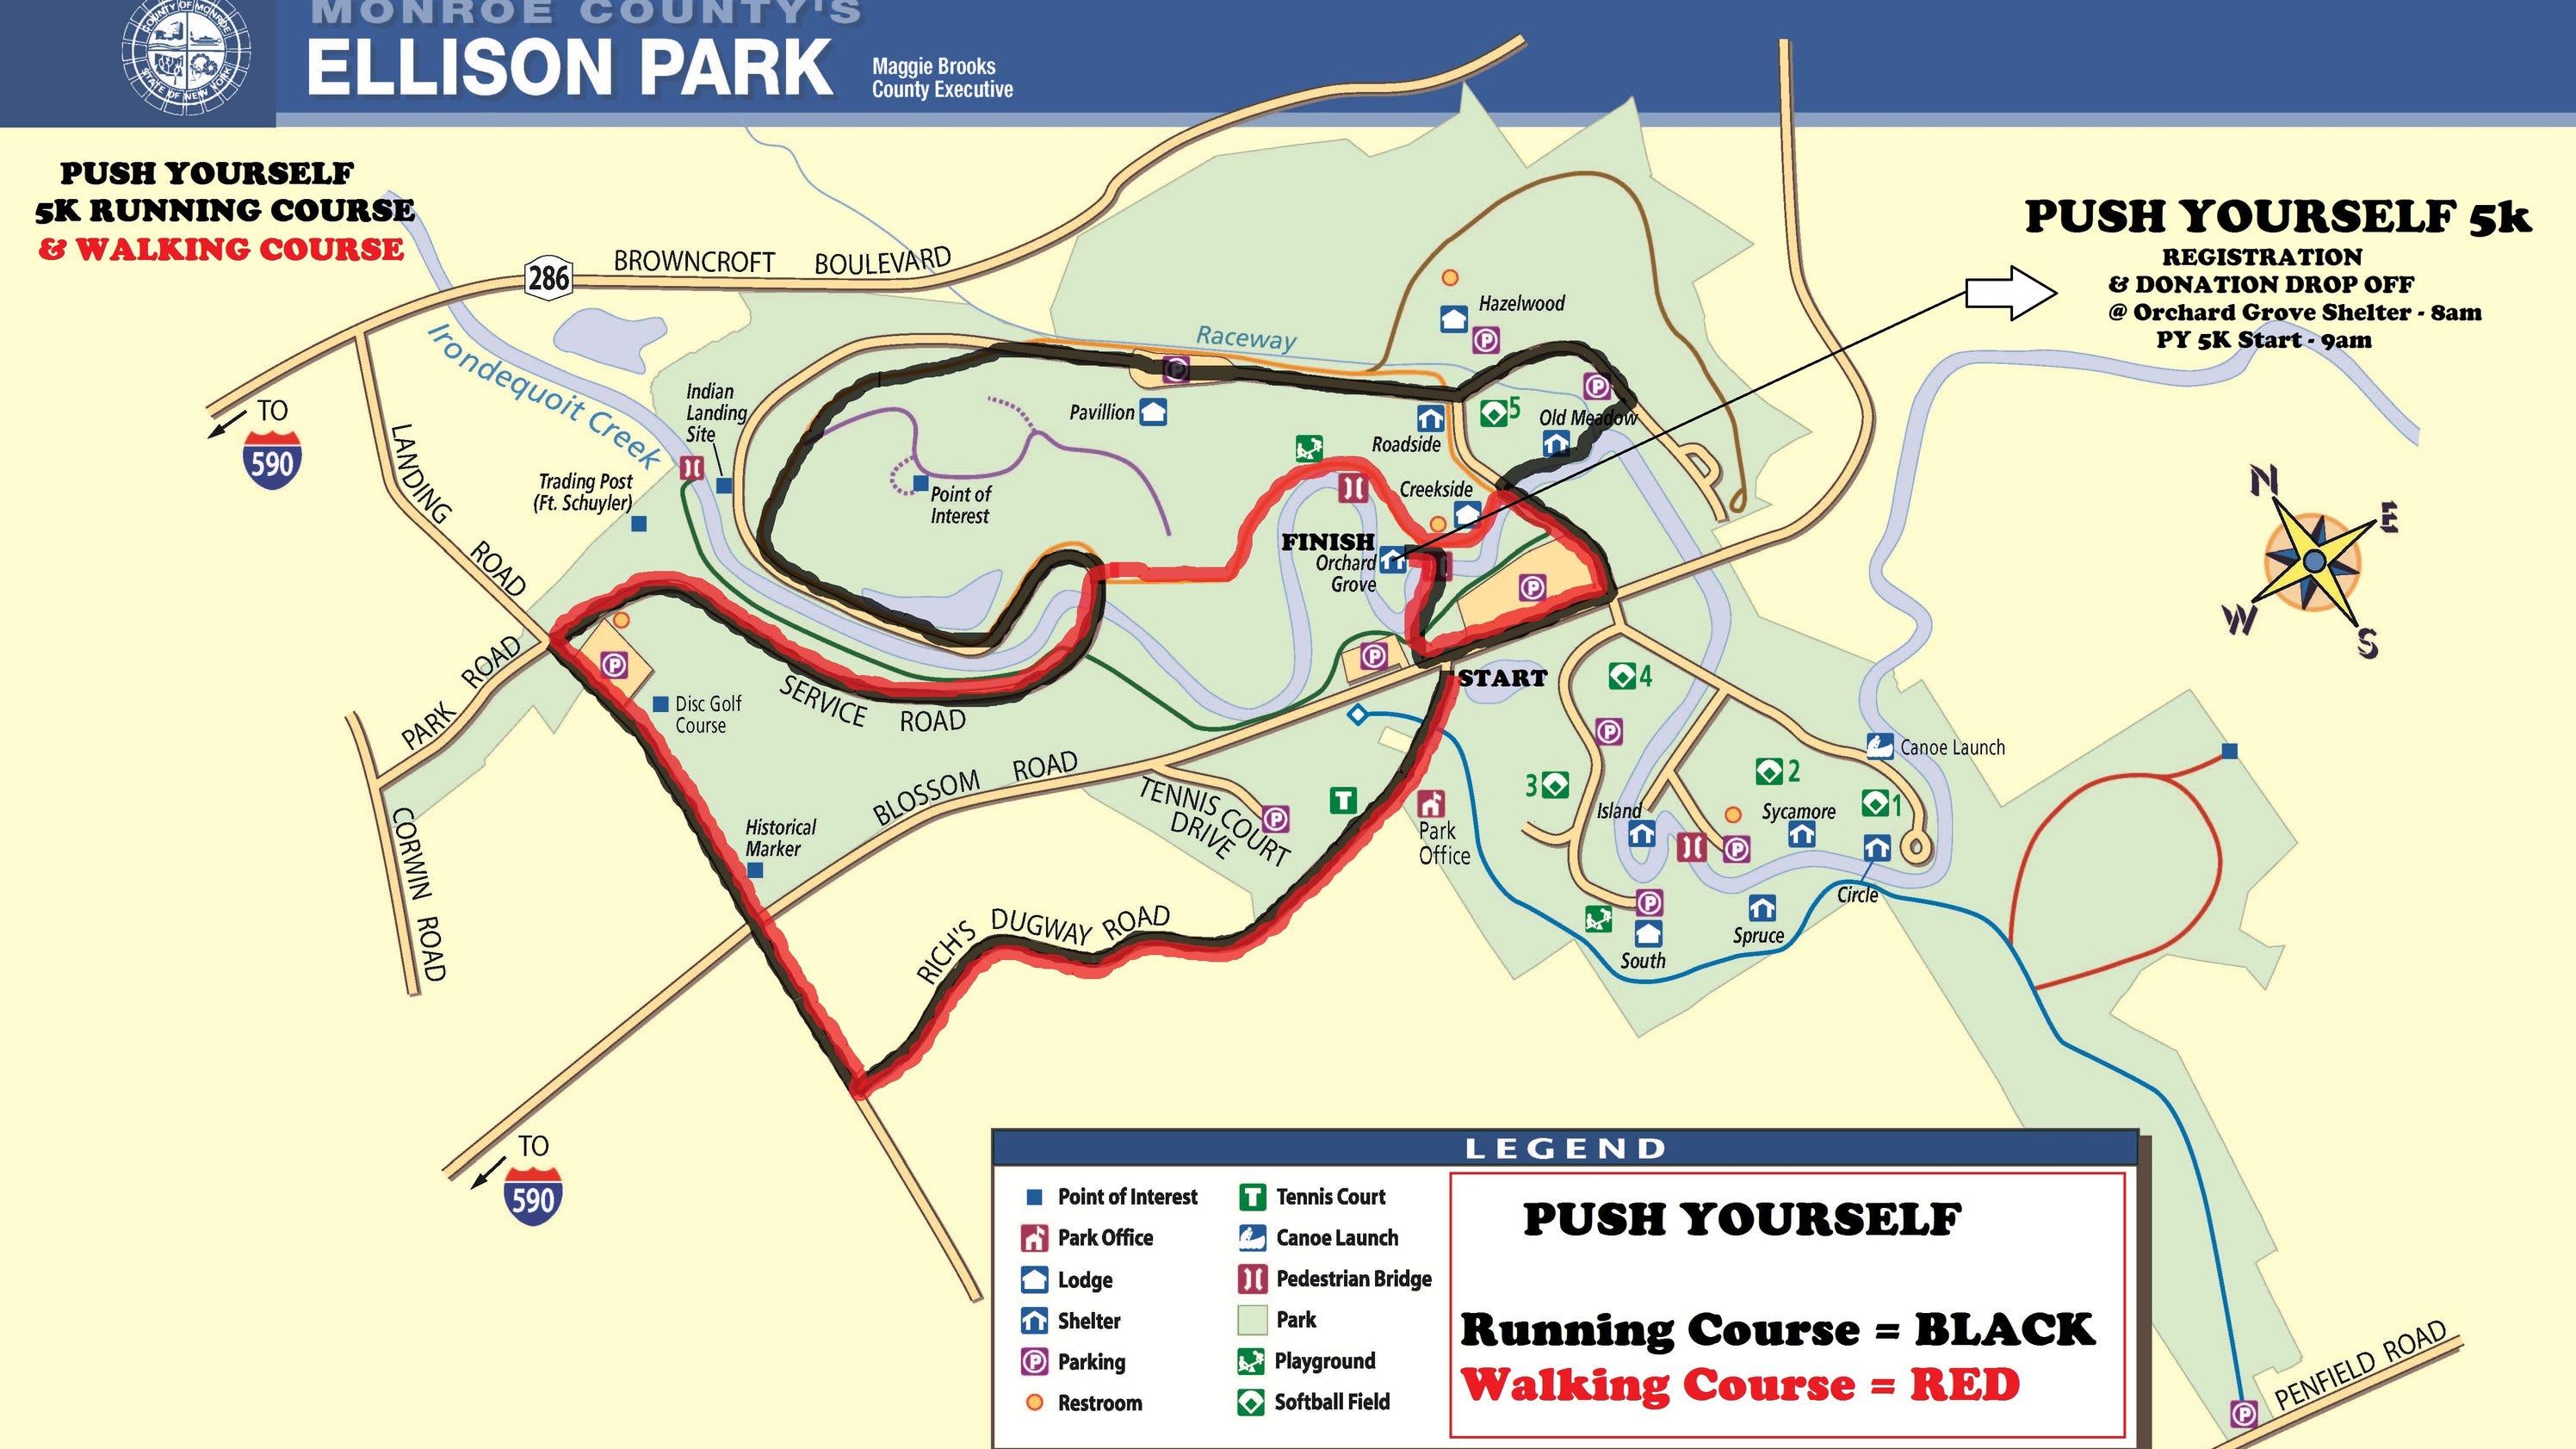 Ellison Park 5k Encourages Participants To Push Yourself